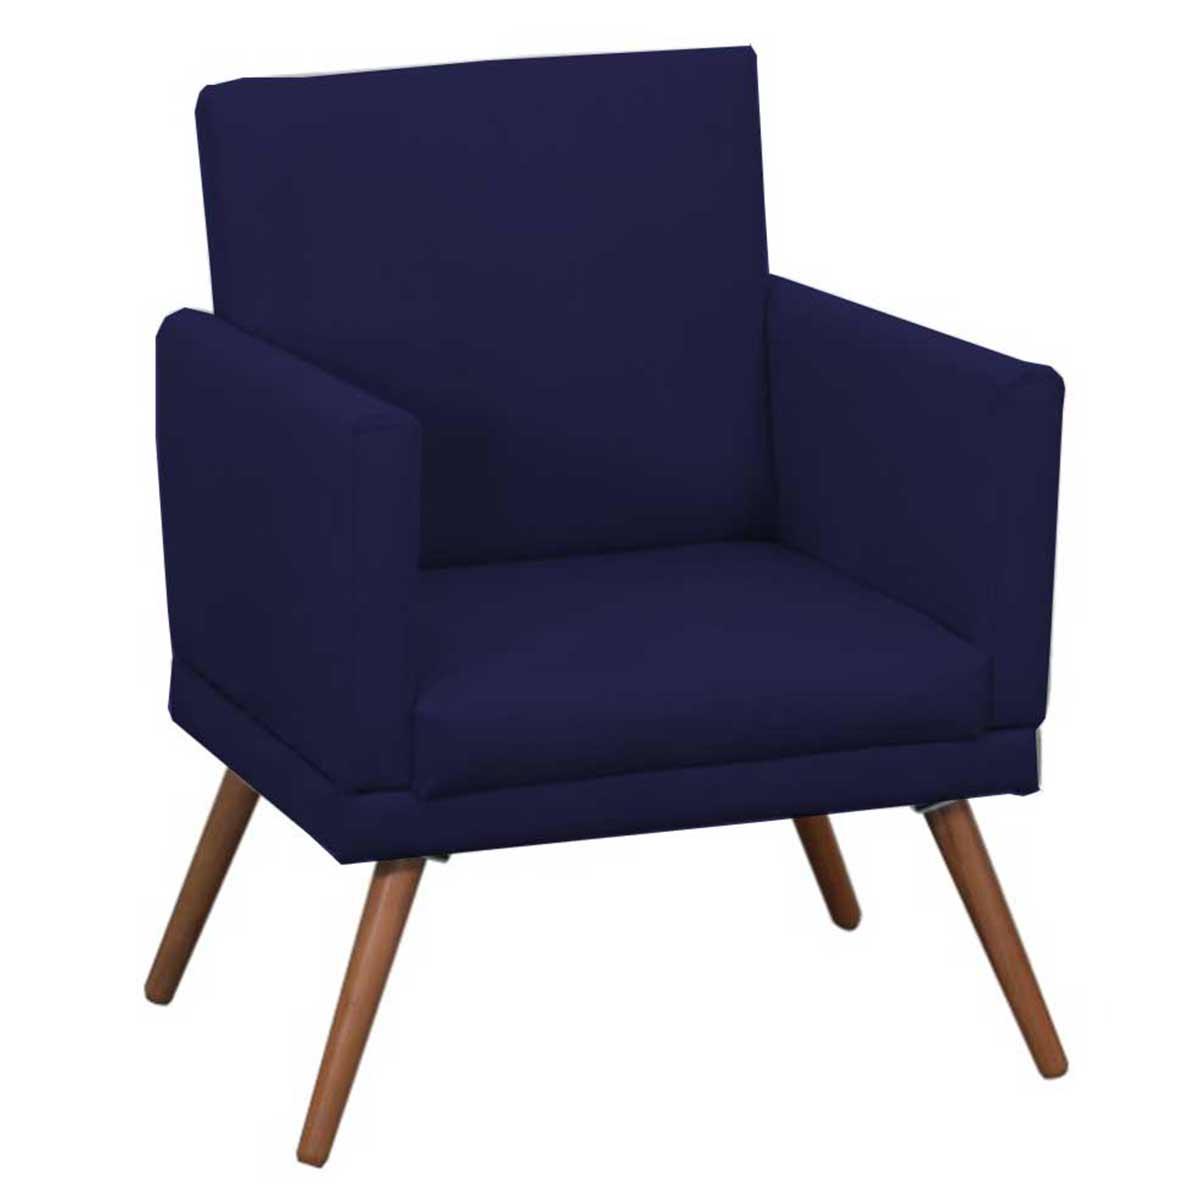 Poltrona Decorativa New Nina Pé Palito Suede Azul Marinho